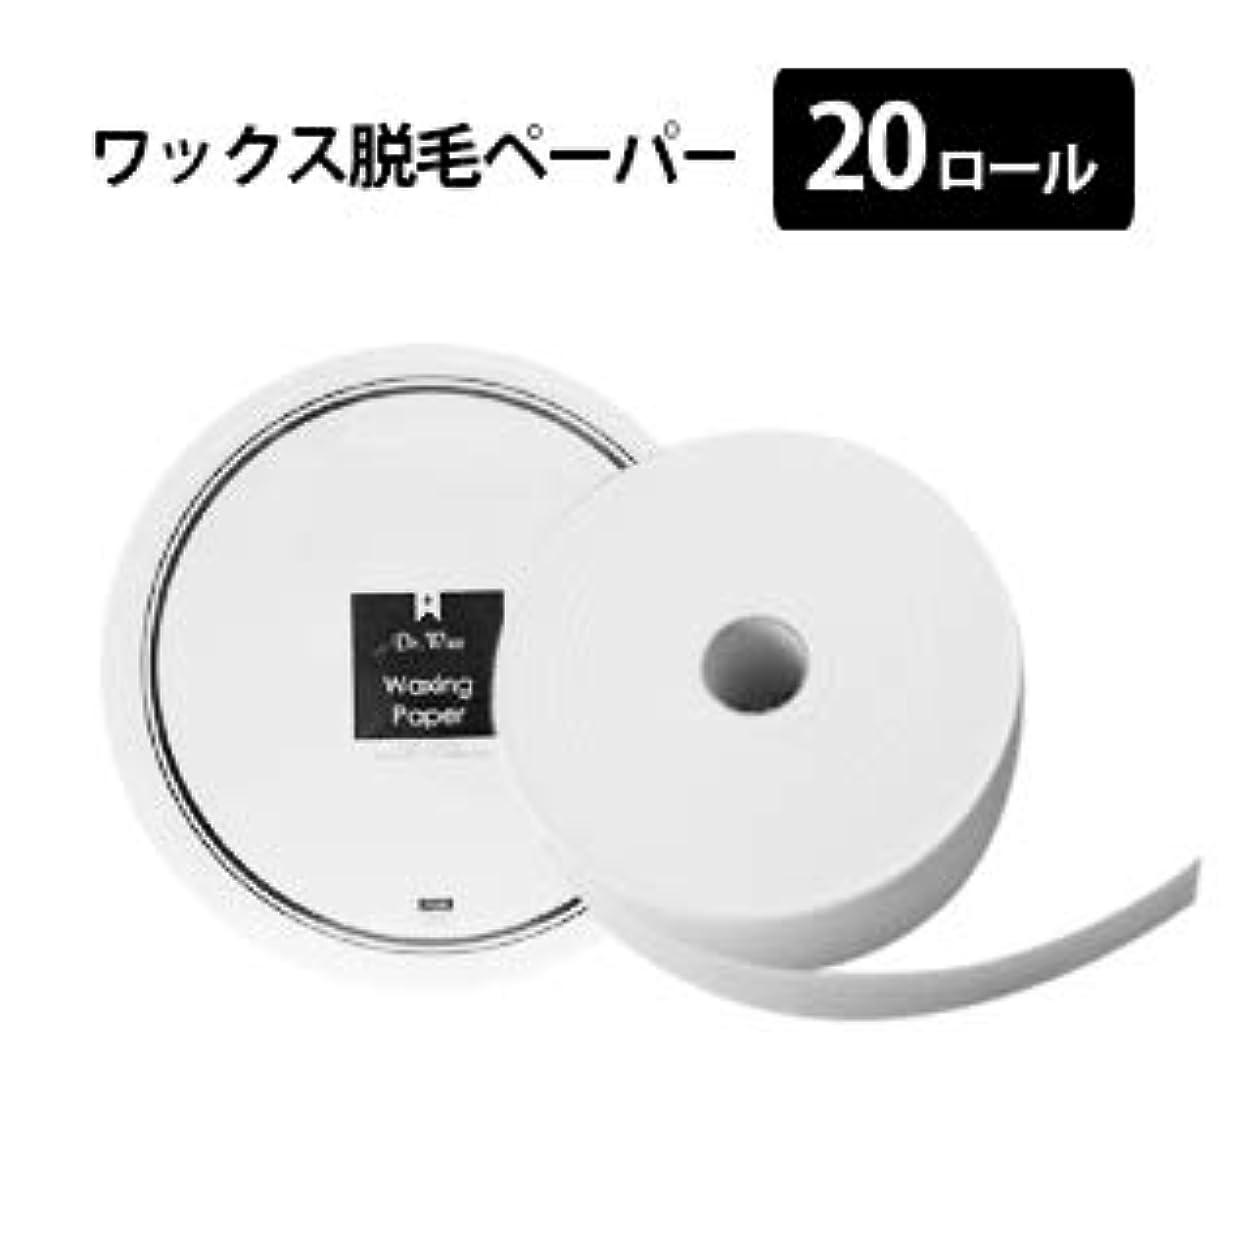 試してみるスキム外側【20ロール】ワックスロールペーパー 7cm スパンレース素材